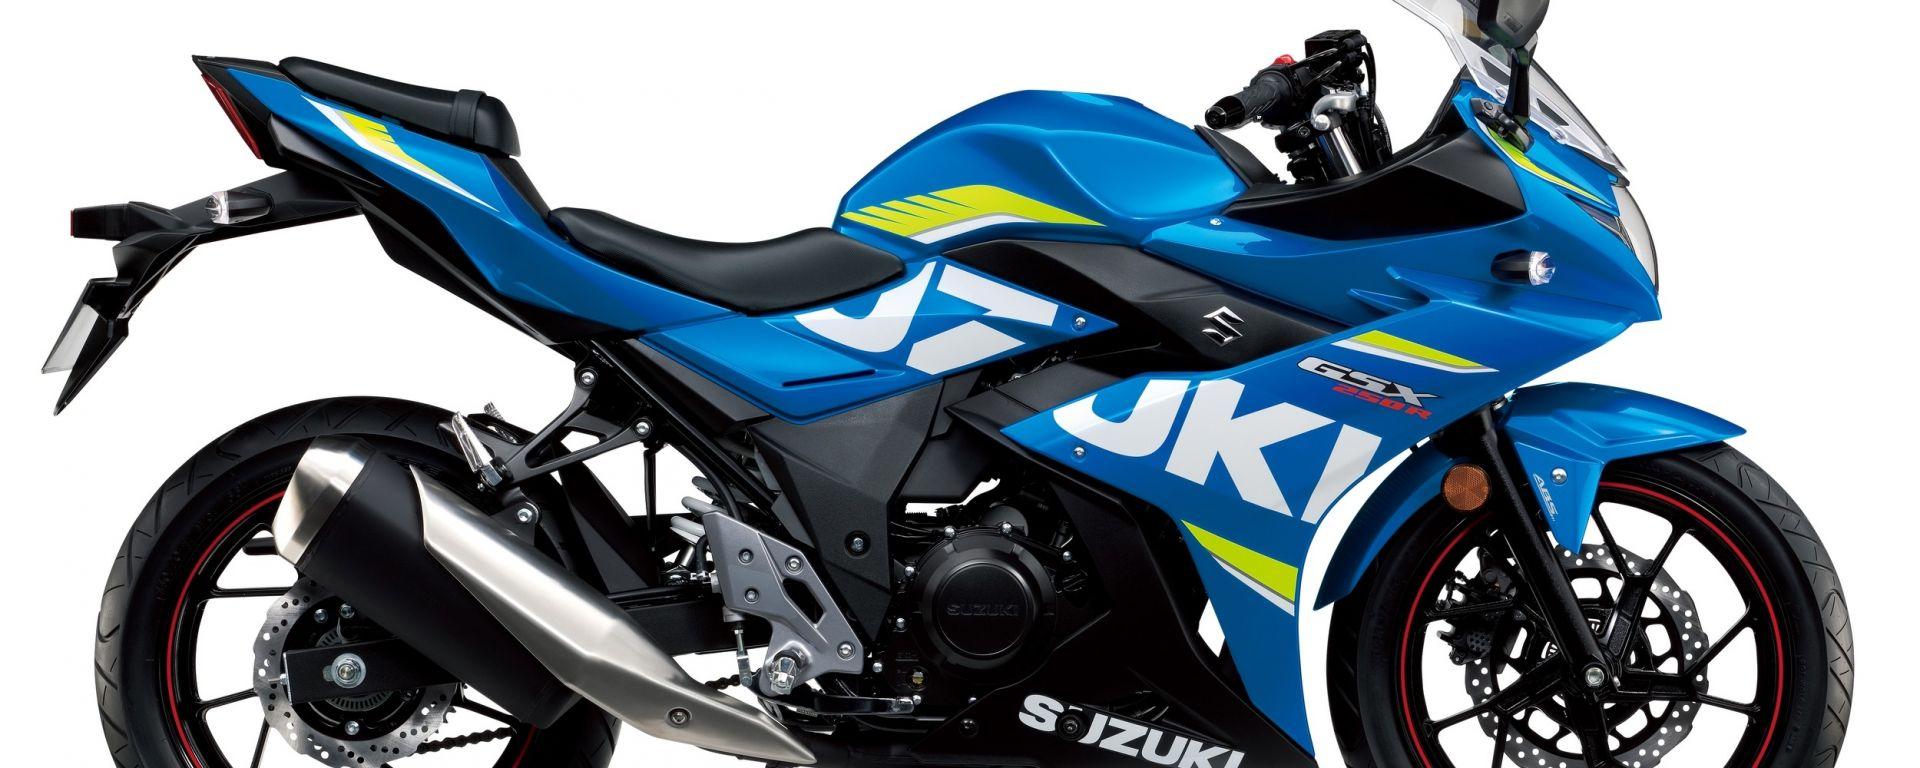 Suzuki GSX250R 2017, Blue MotoGP